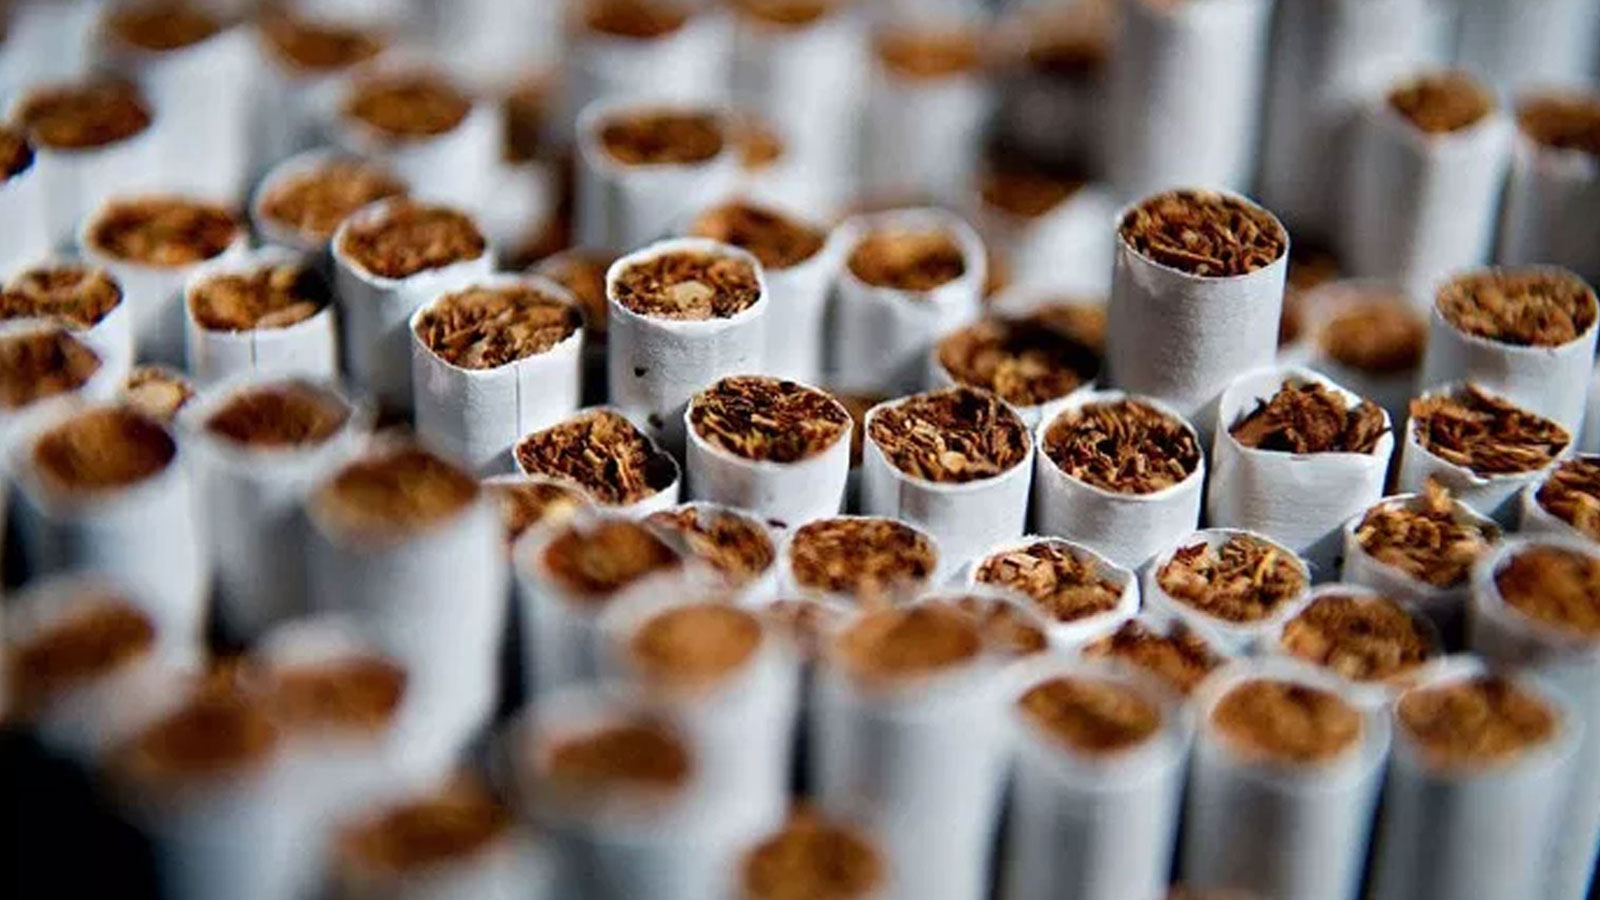 Sigara fiyatları ne kadar oldu? Sigaraya ne kadar zam geldi? Sigara fiyatları 2020